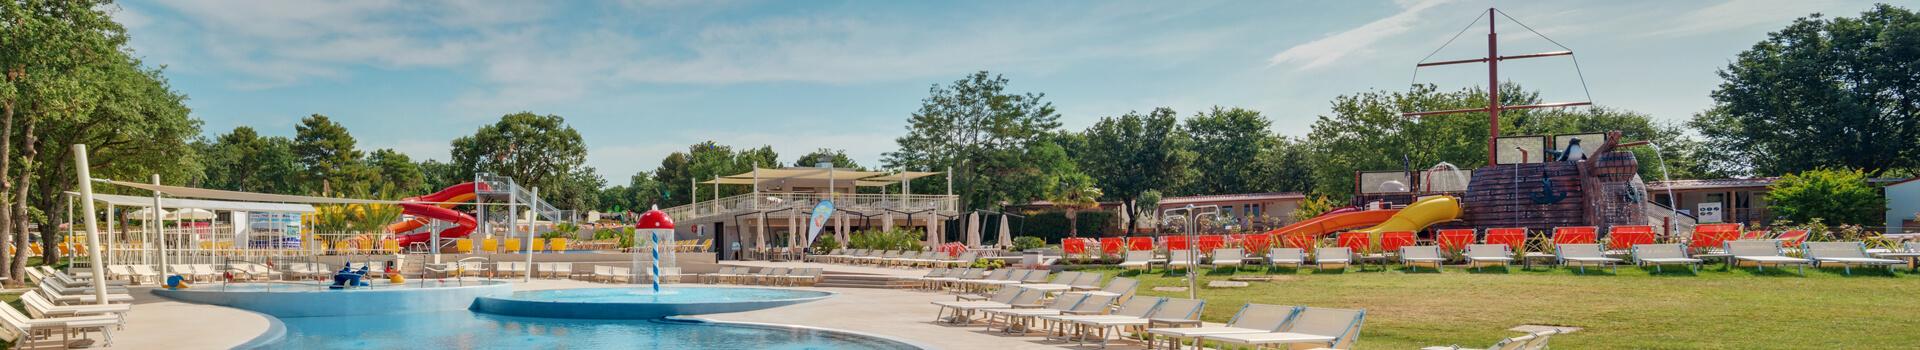 Nove mobilne kućice, bazeni i multifunkcionalno igralište u Lanterna Premium Camping Resortu